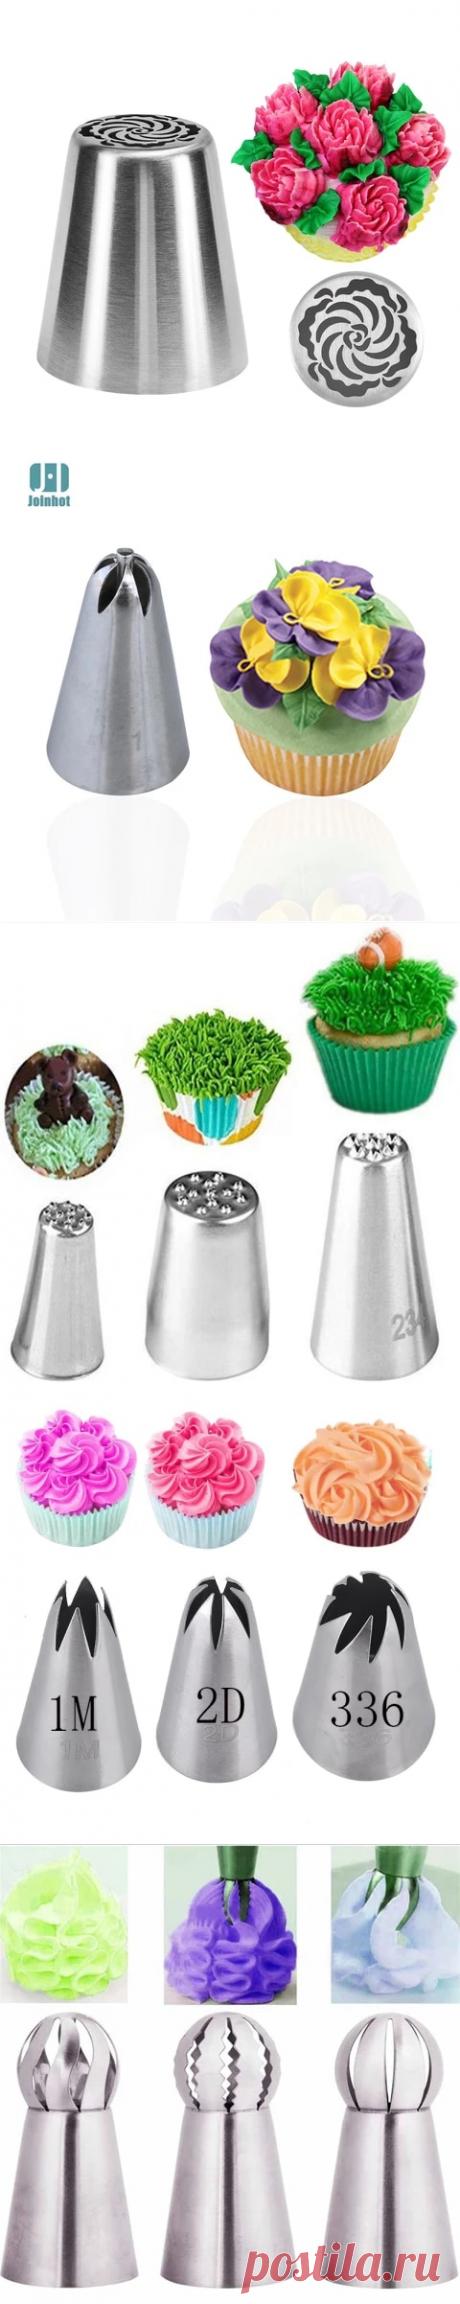 Кондитерская украшения инструменты Нержавеющаясталь | Украшения для десертов